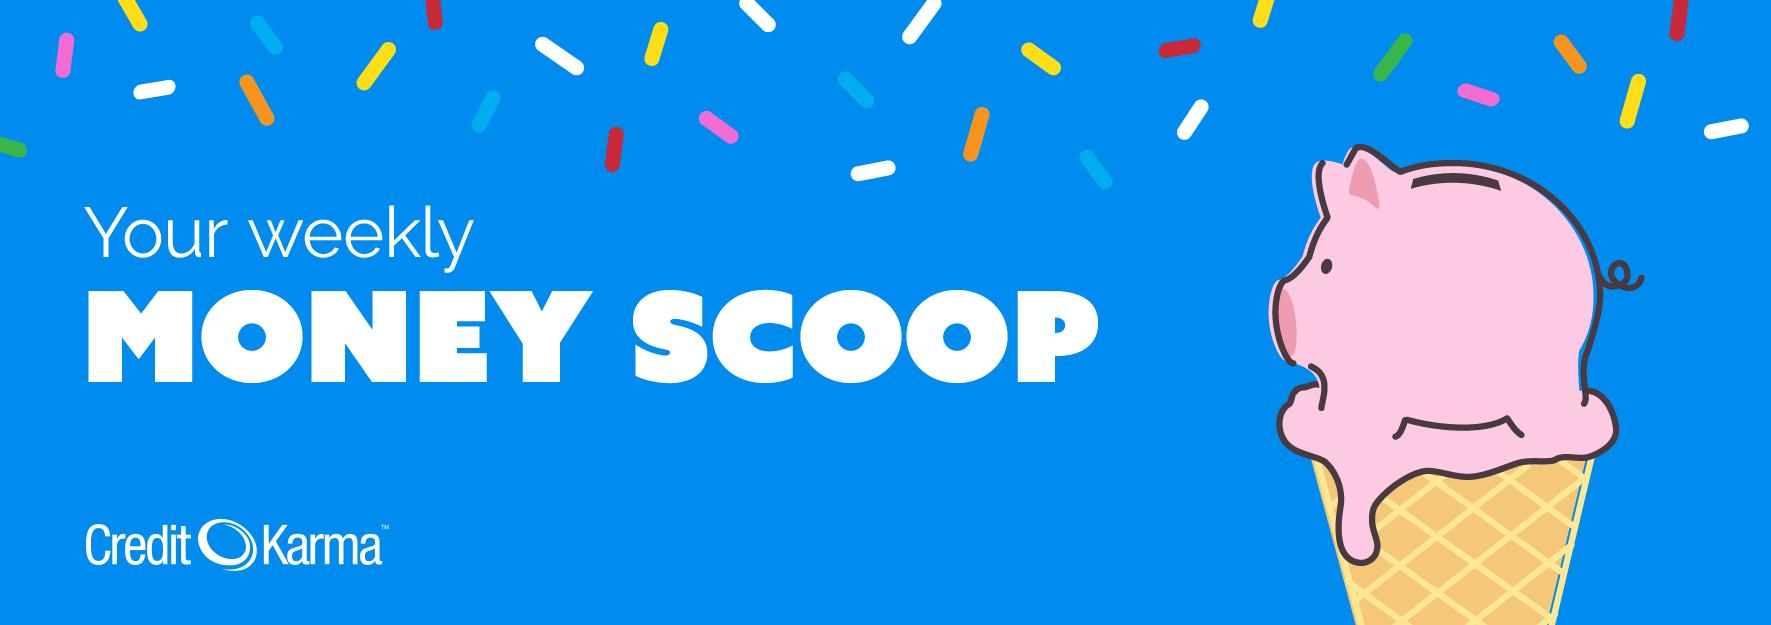 Your weekly money scoop: November 4, 2016